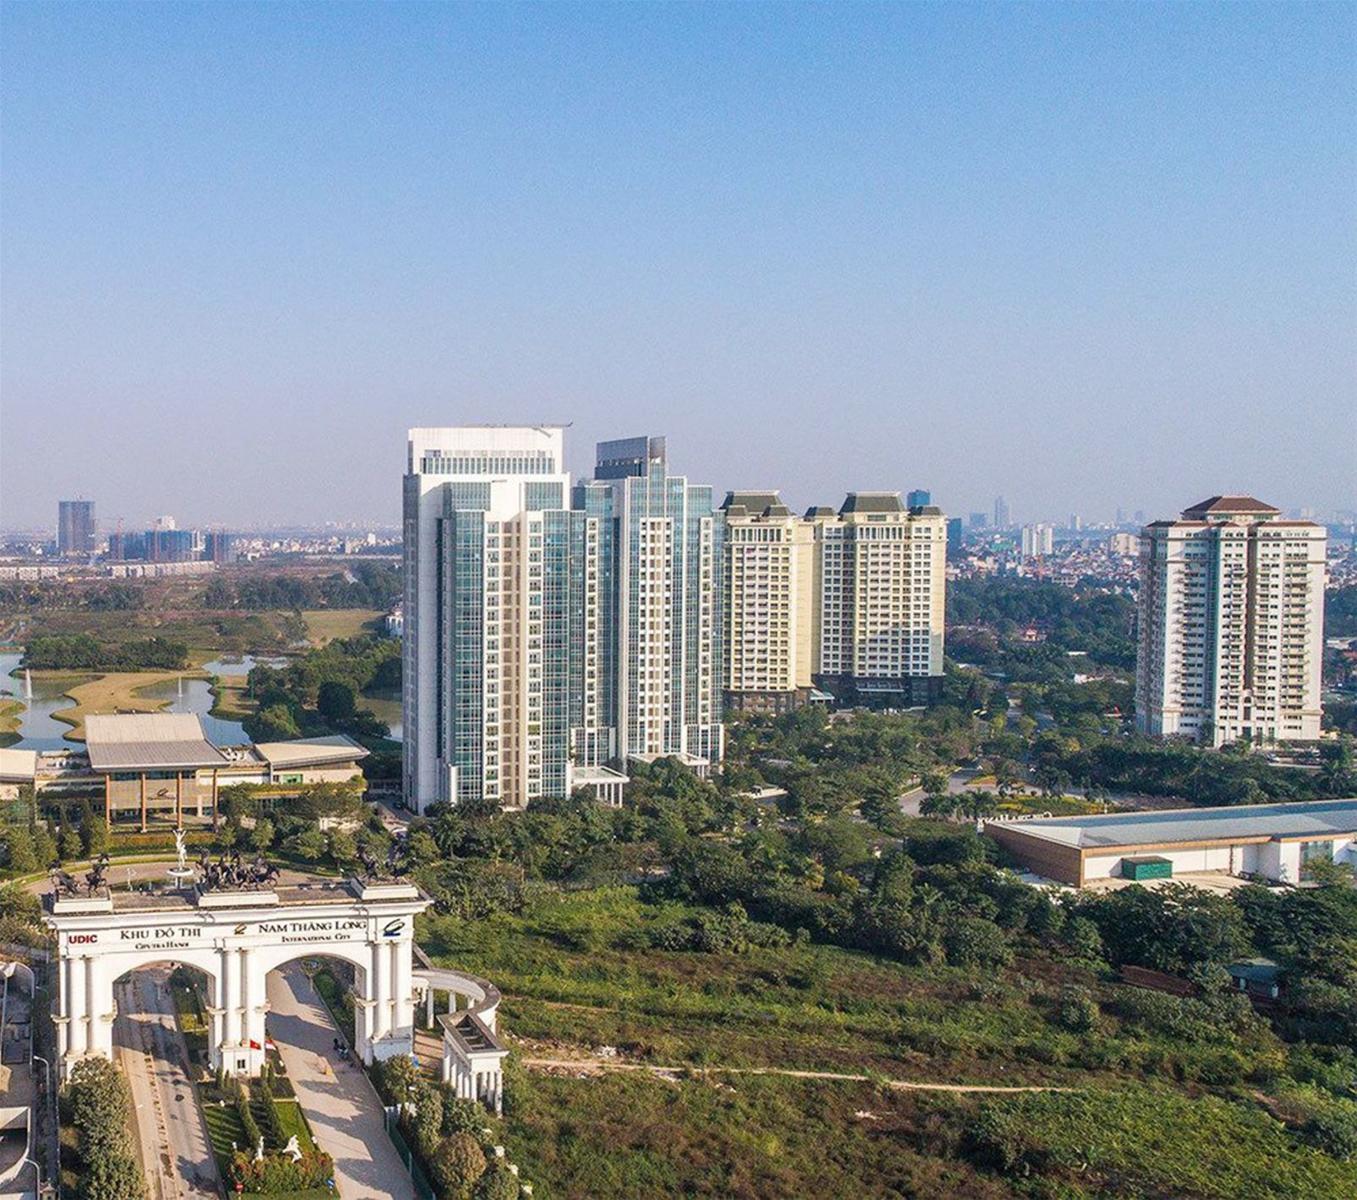 Quy hoạch đô thị bị phá nát như thế nào?